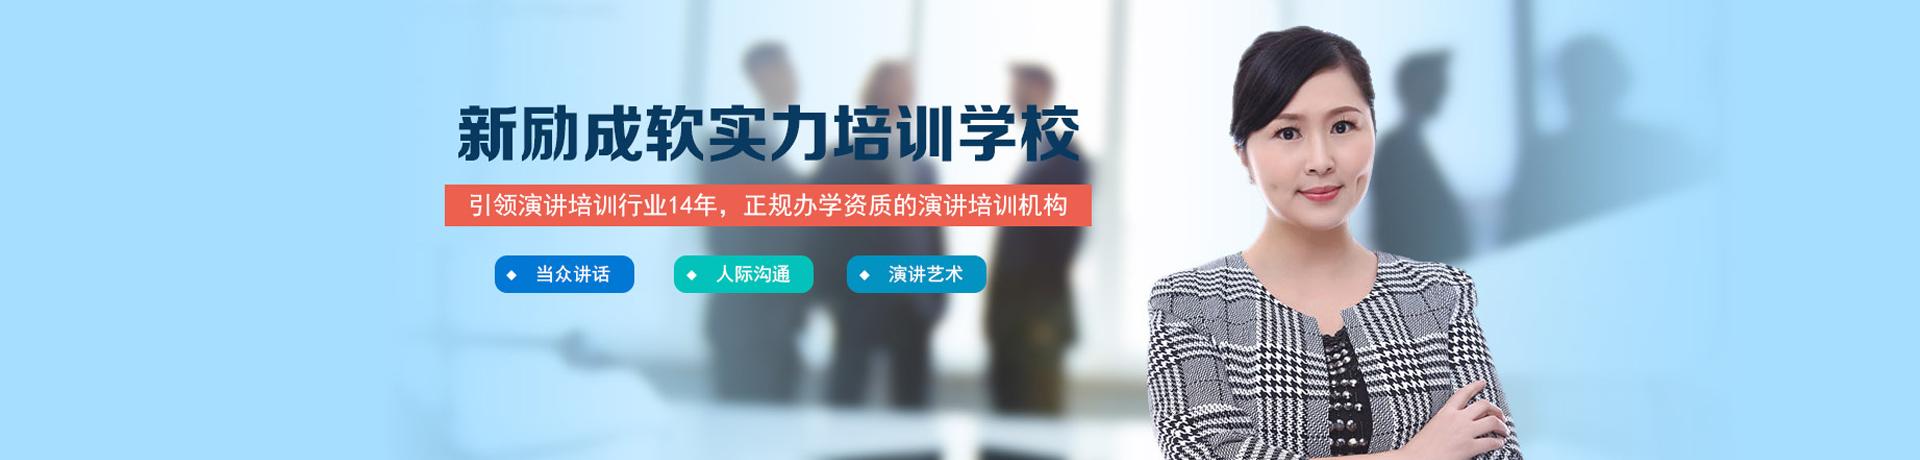 广州新励成演讲口才学训中心